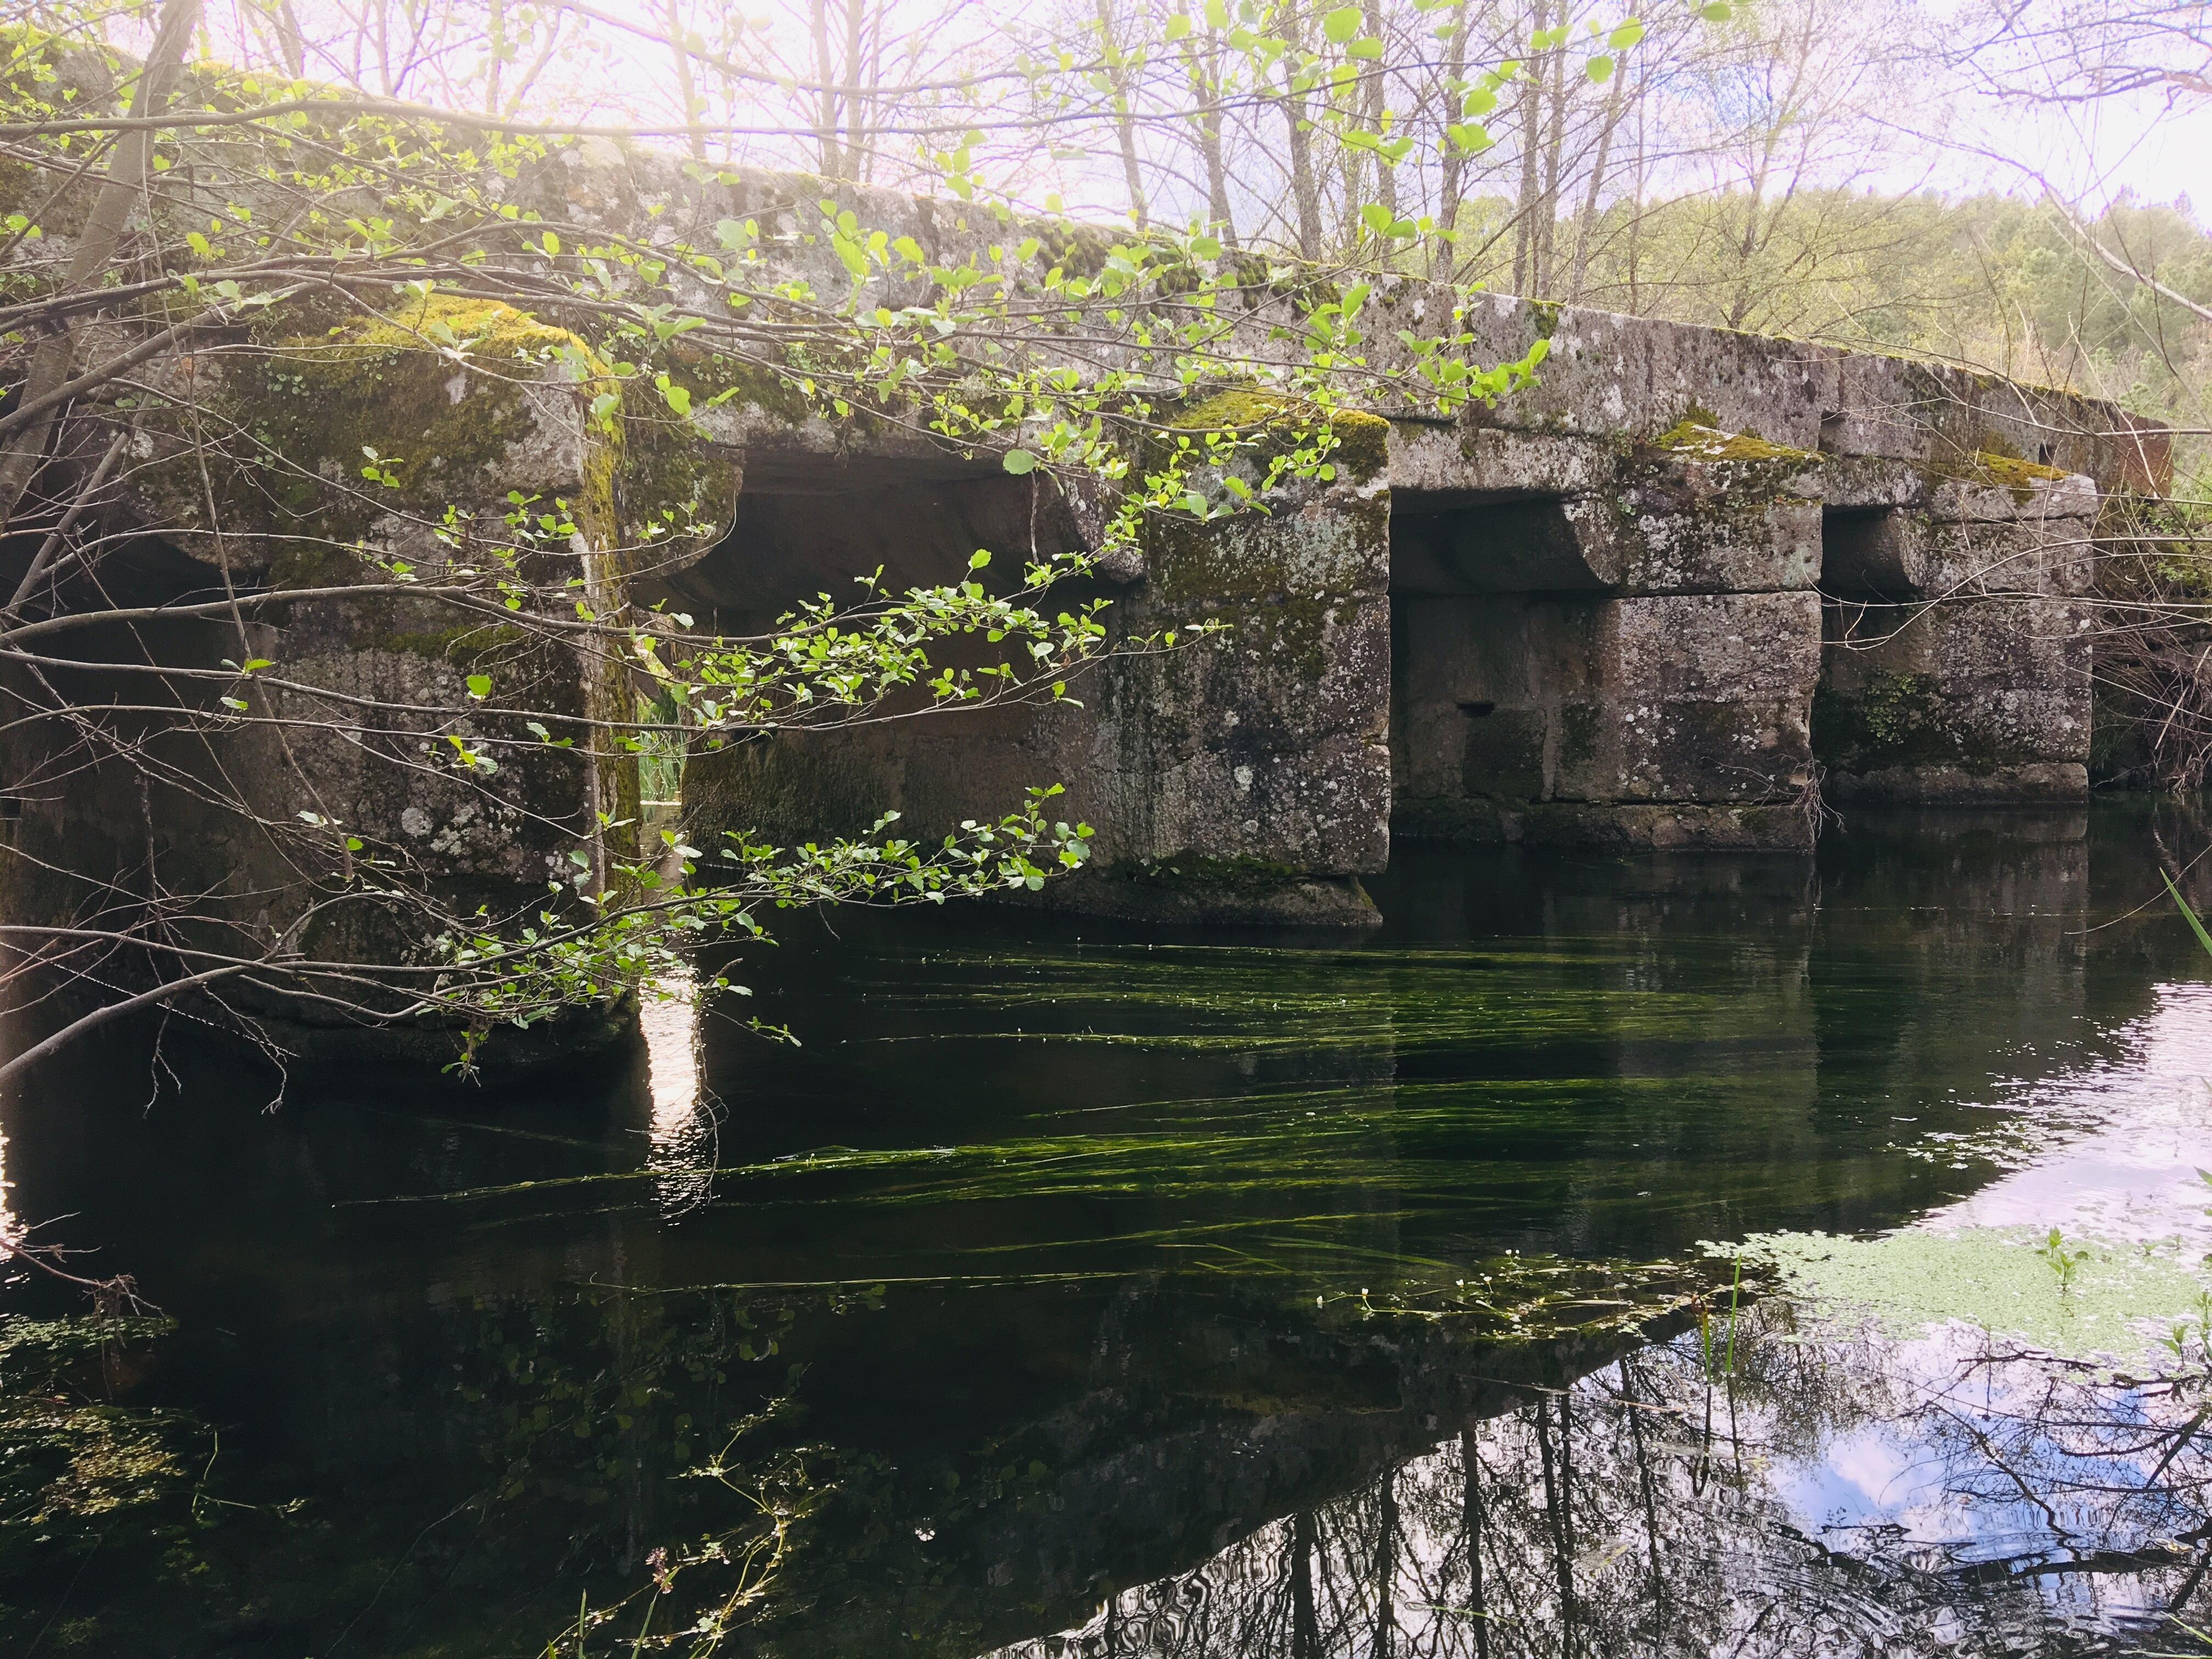 Ponte Dum near Campina